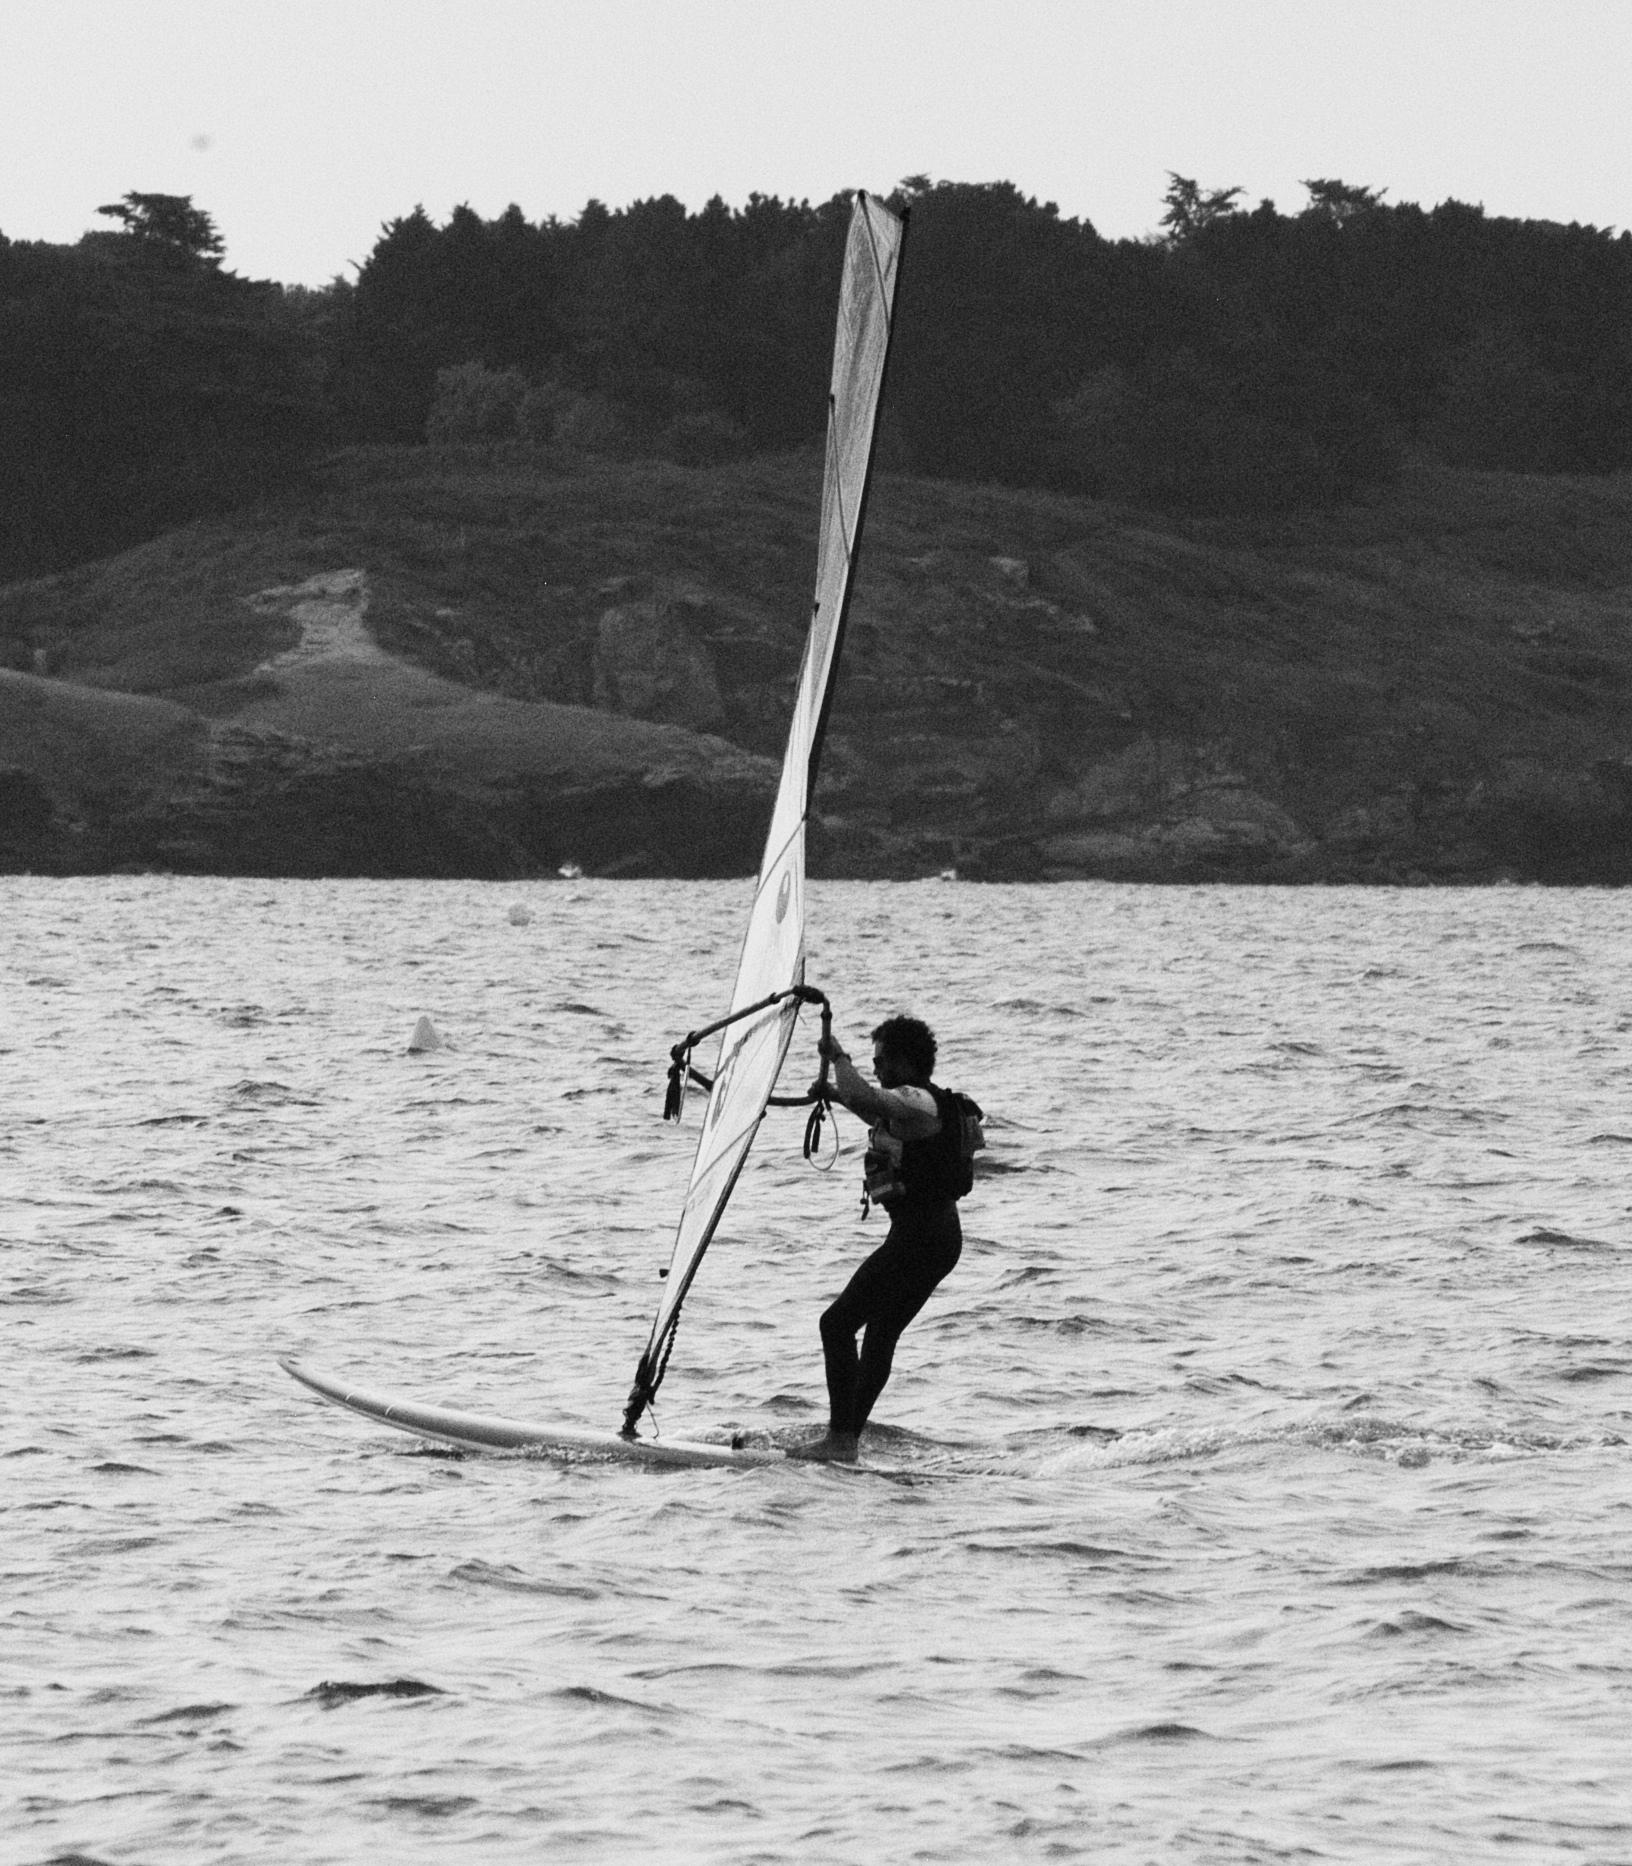 Club Nautique du Rohu - planche à voile